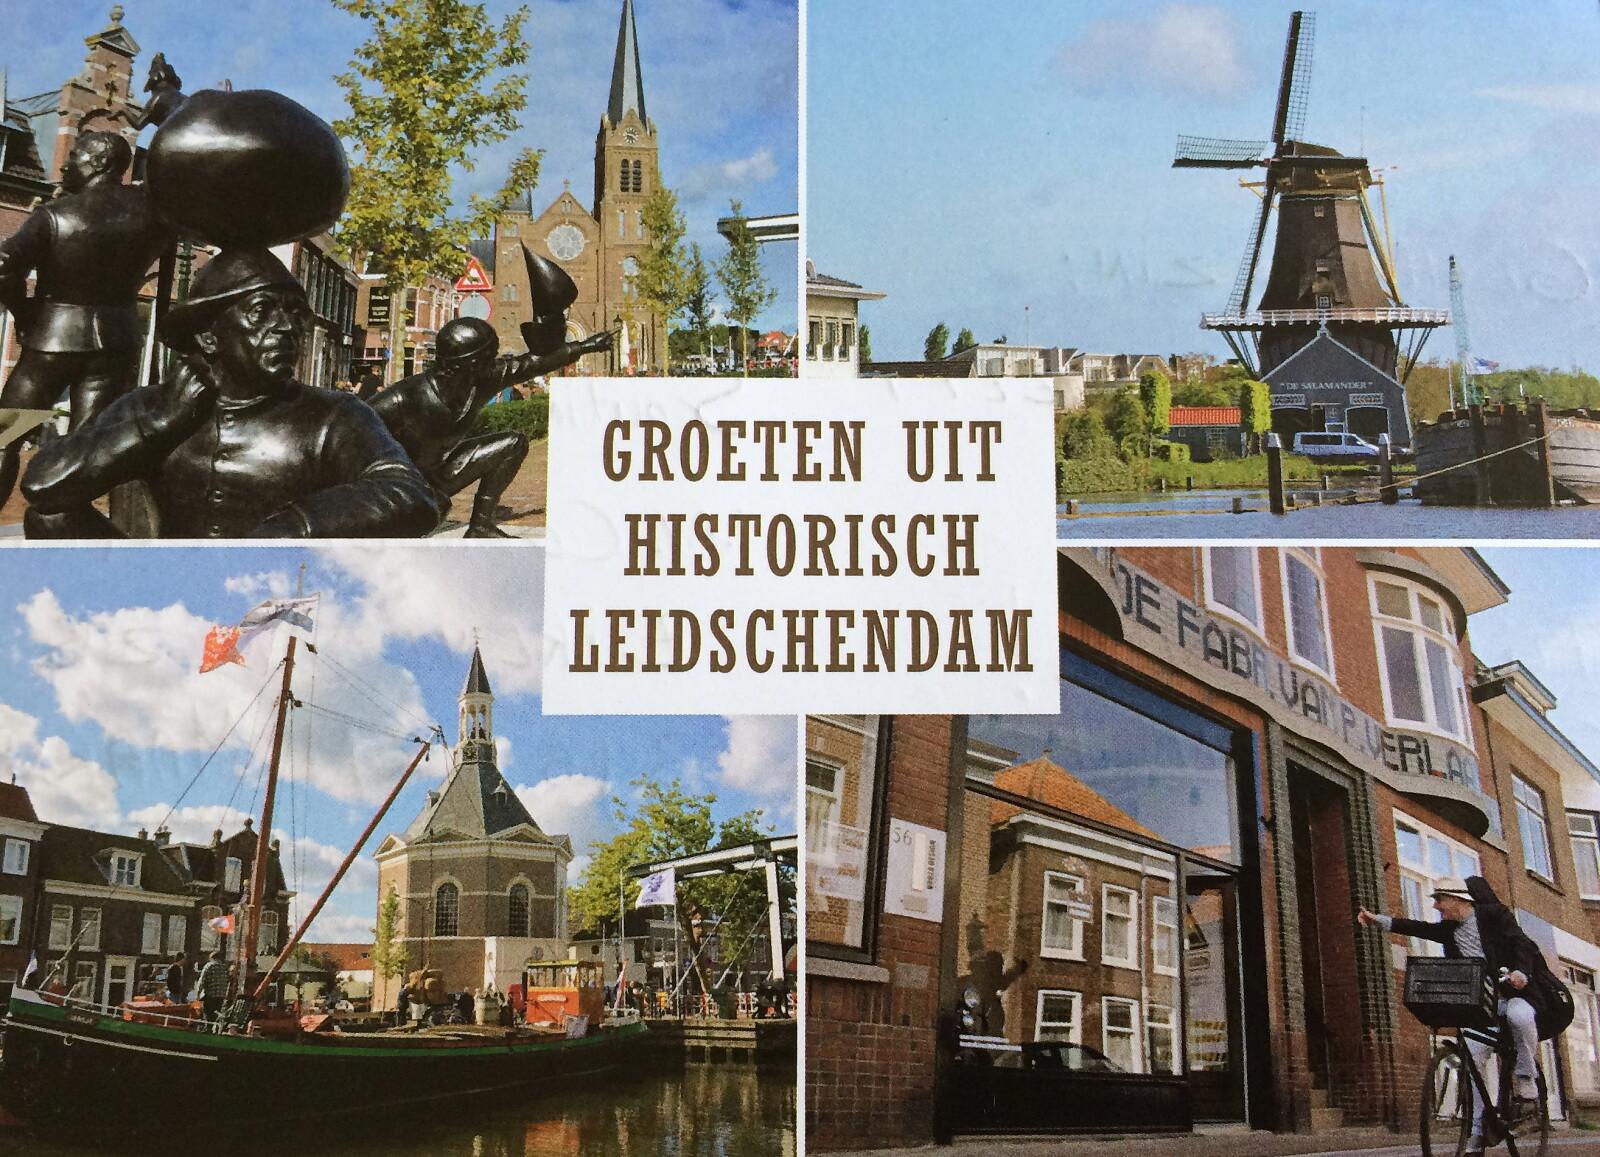 briefkaart-groeten-uit-historisch-leidschendam-juli-2017-jpeg-nl.jpg